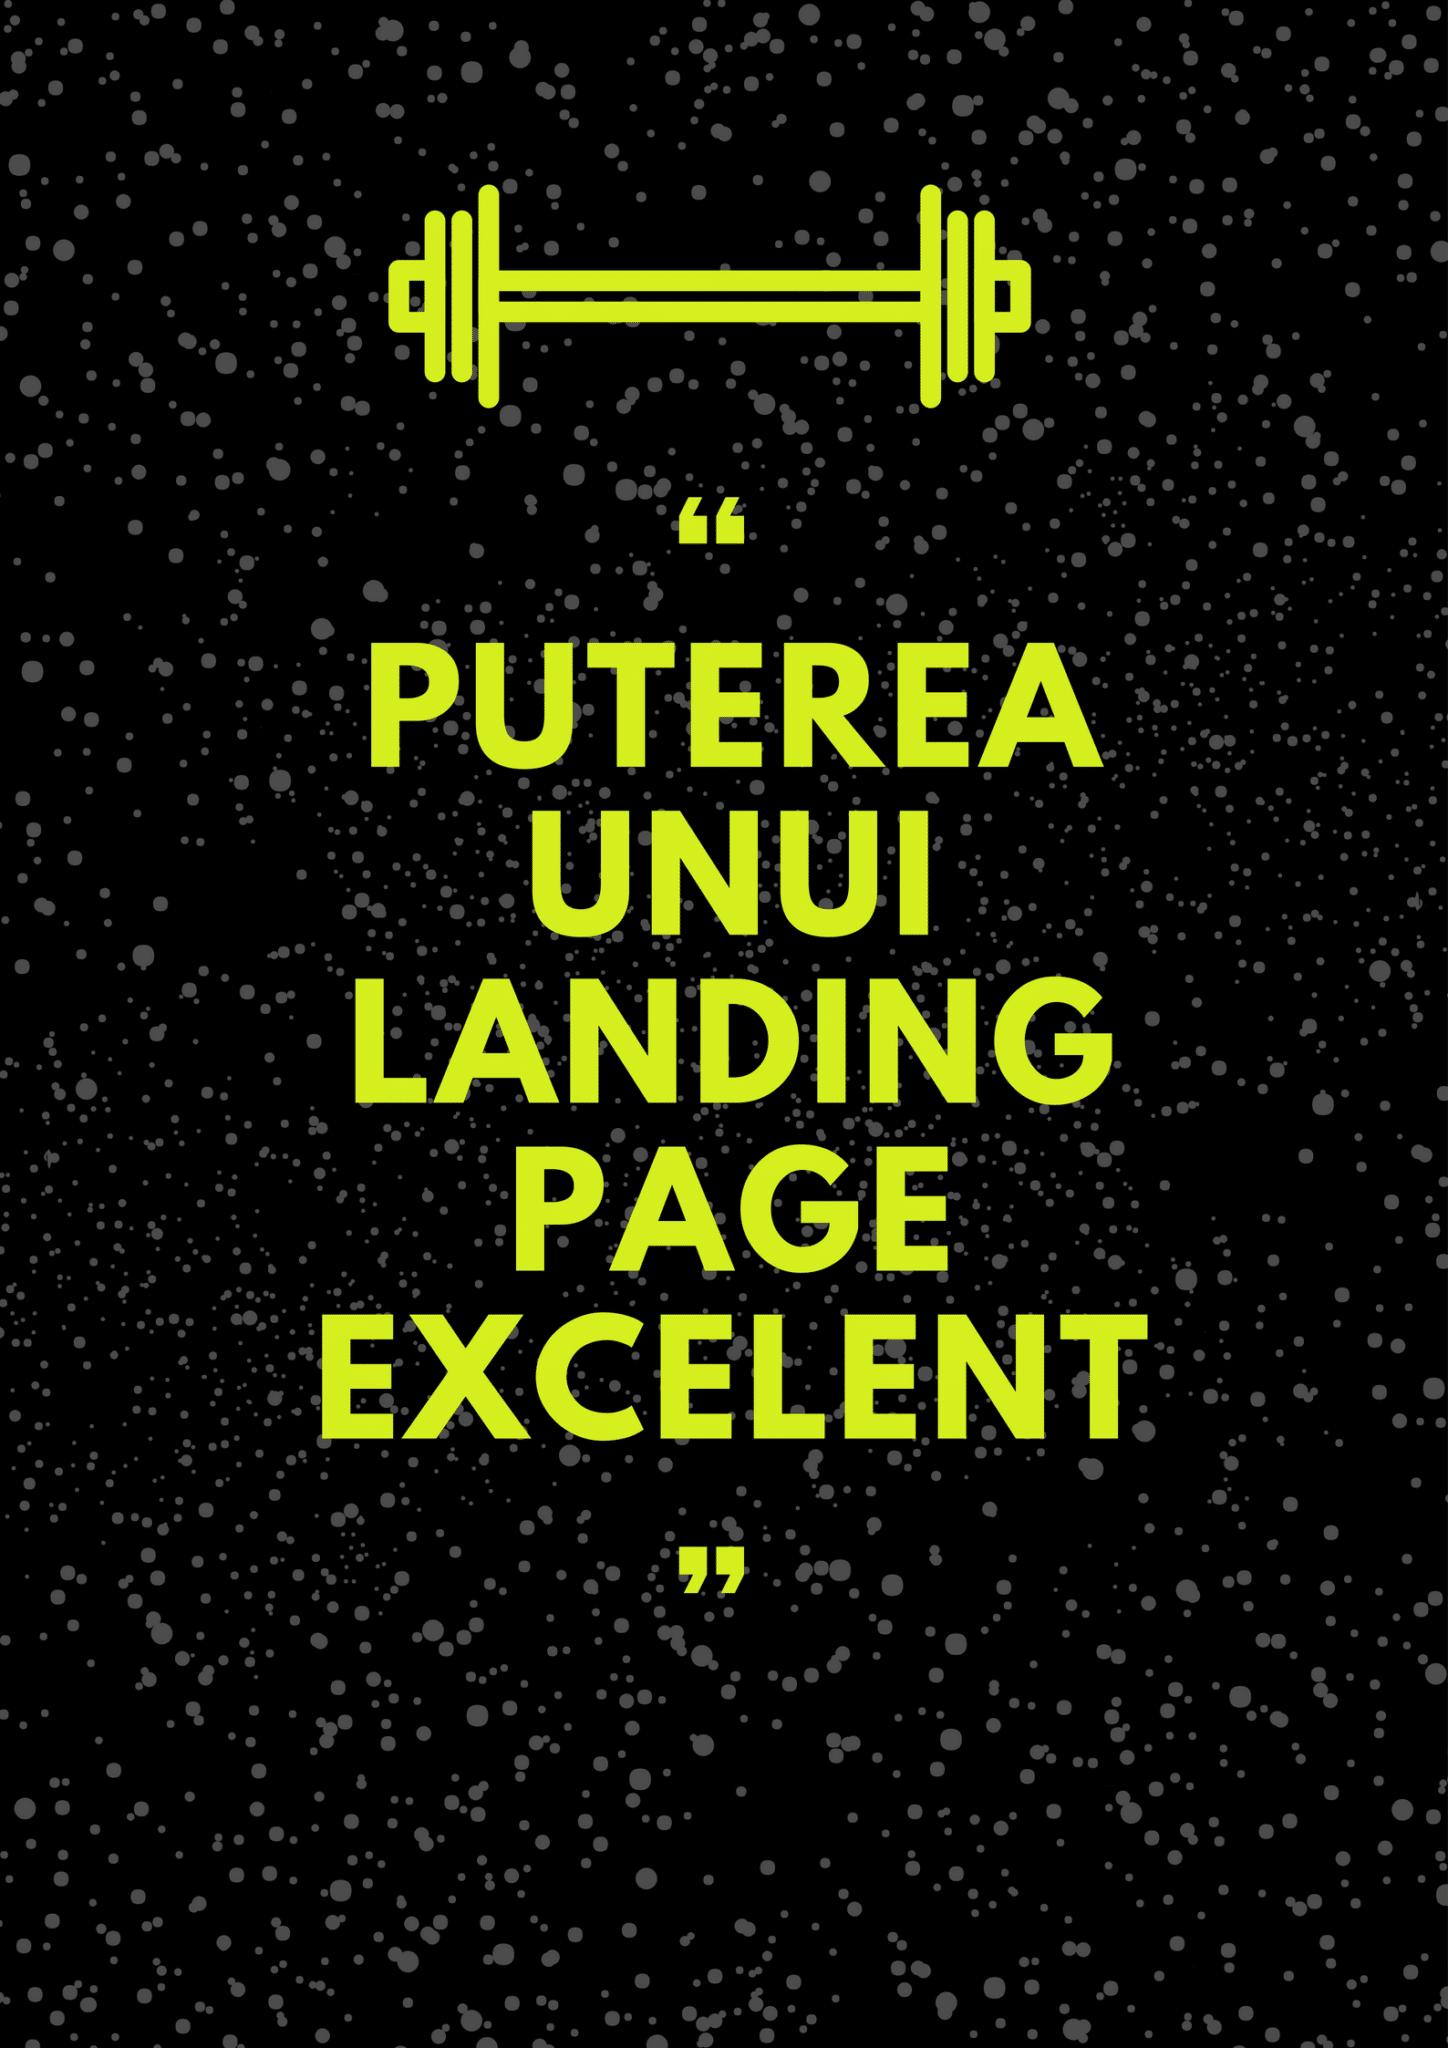 Puterea unui Landing Page Excelent